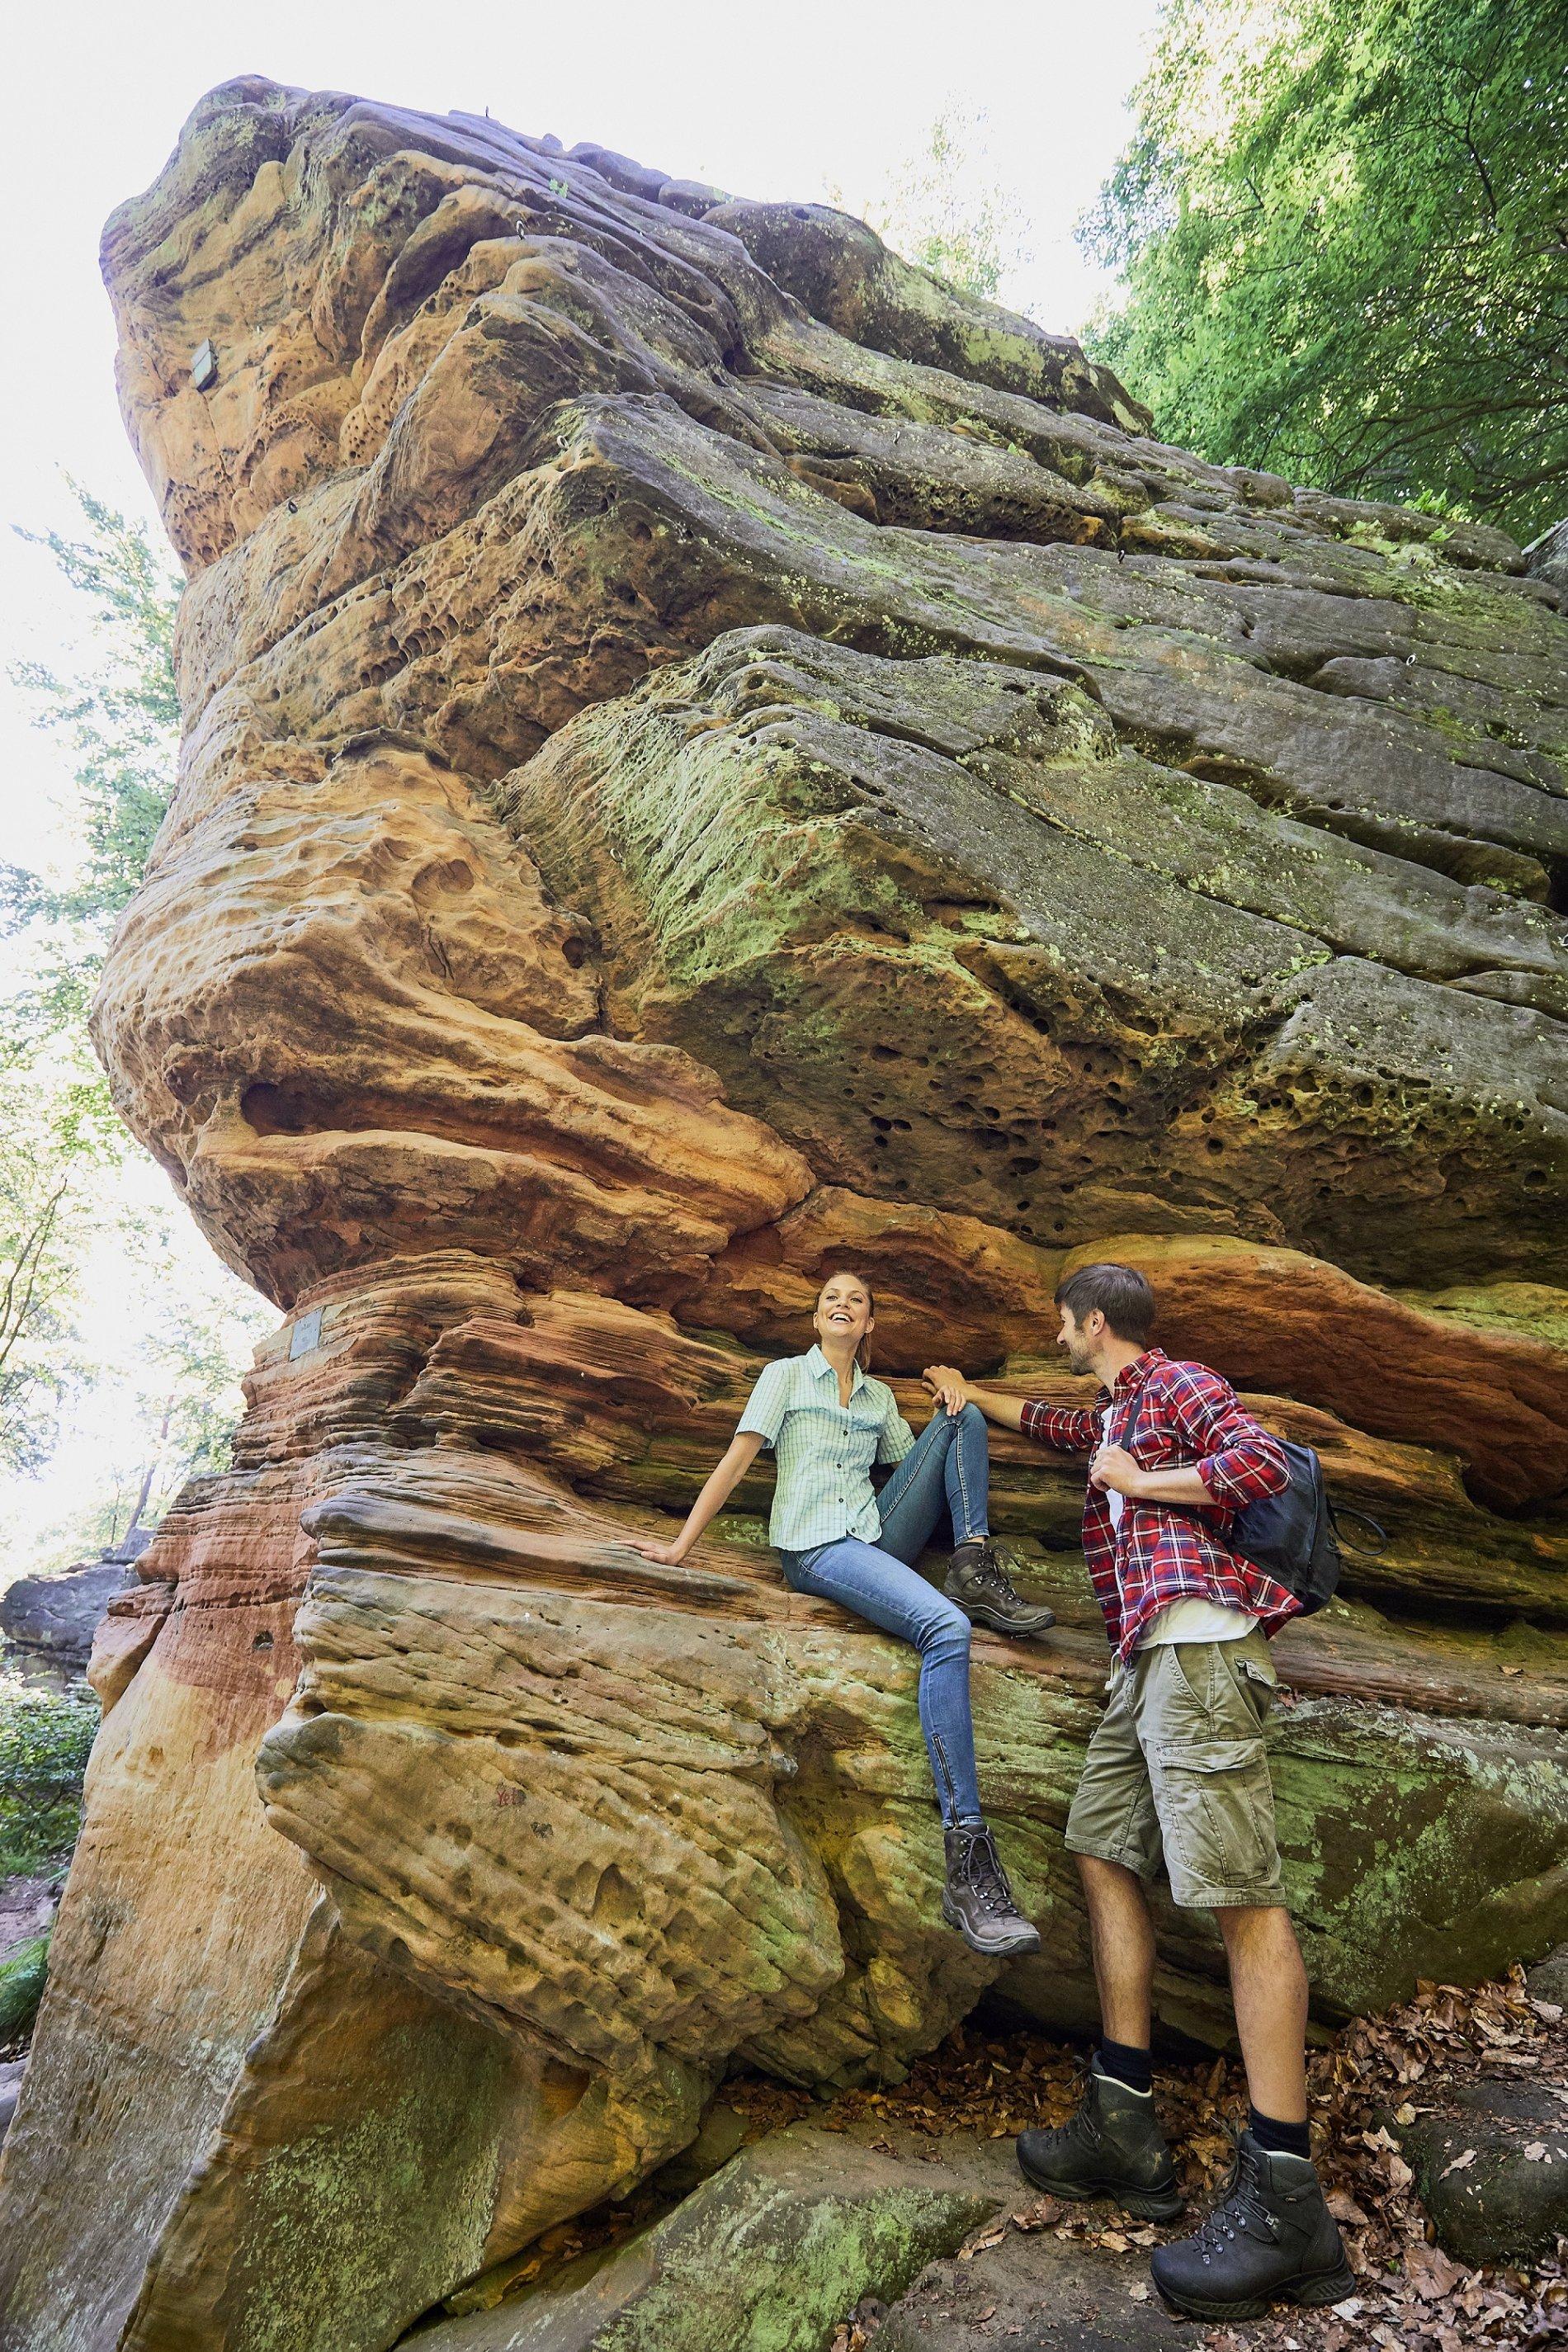 Wanderer am Unglücksfelsen im Kirkeler Wald